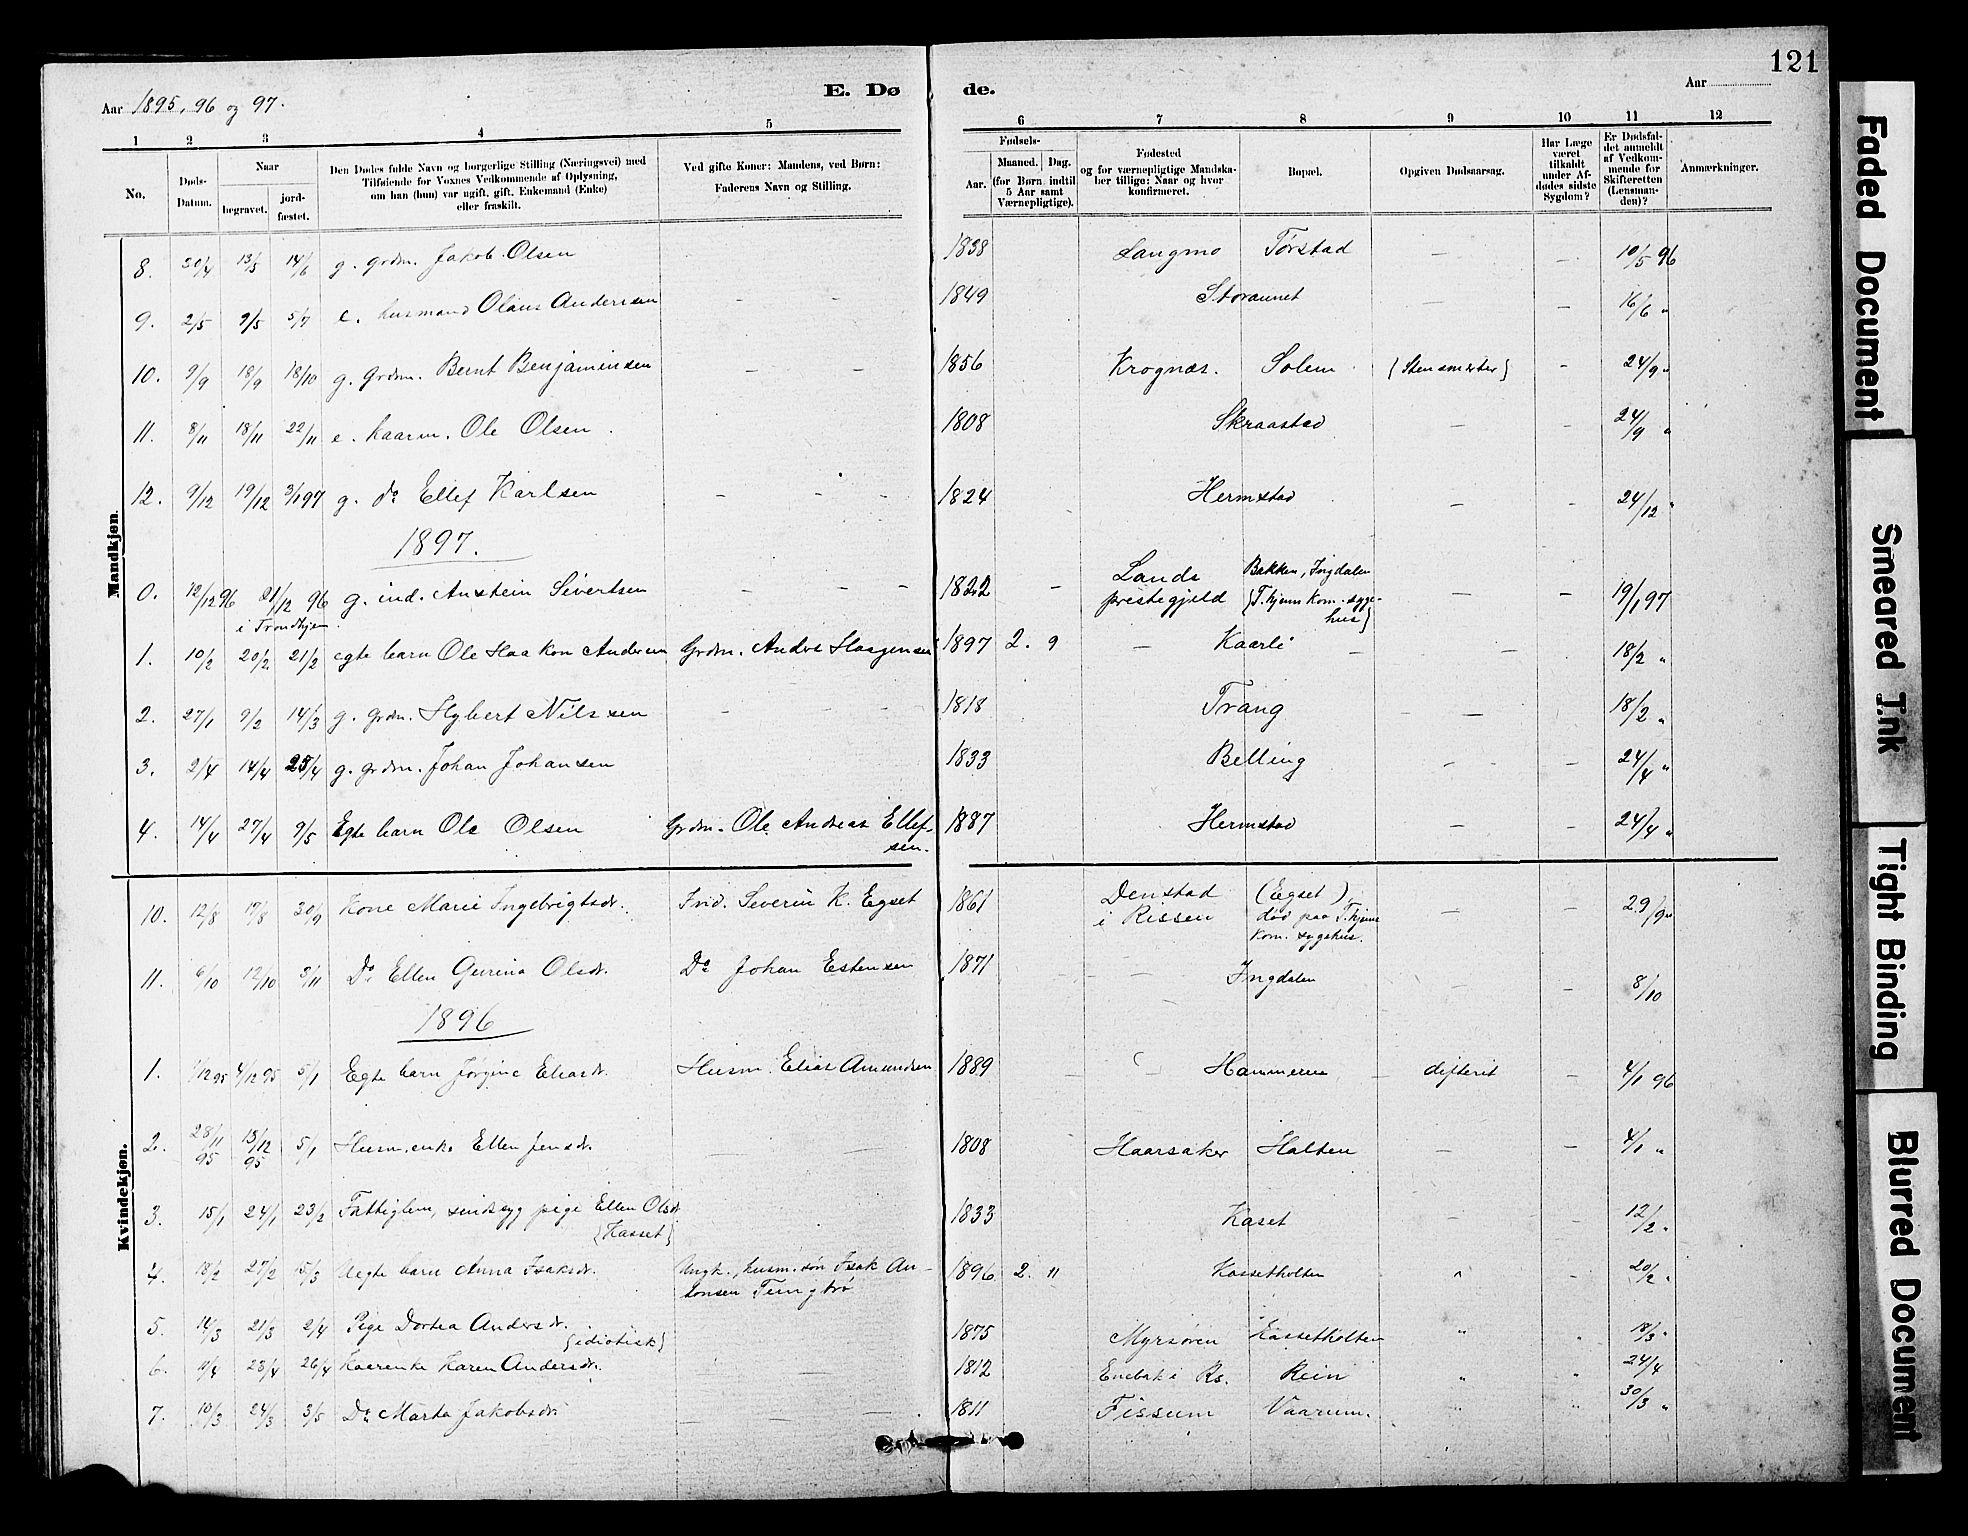 SAT, Ministerialprotokoller, klokkerbøker og fødselsregistre - Sør-Trøndelag, 646/L0628: Klokkerbok nr. 646C01, 1880-1903, s. 121